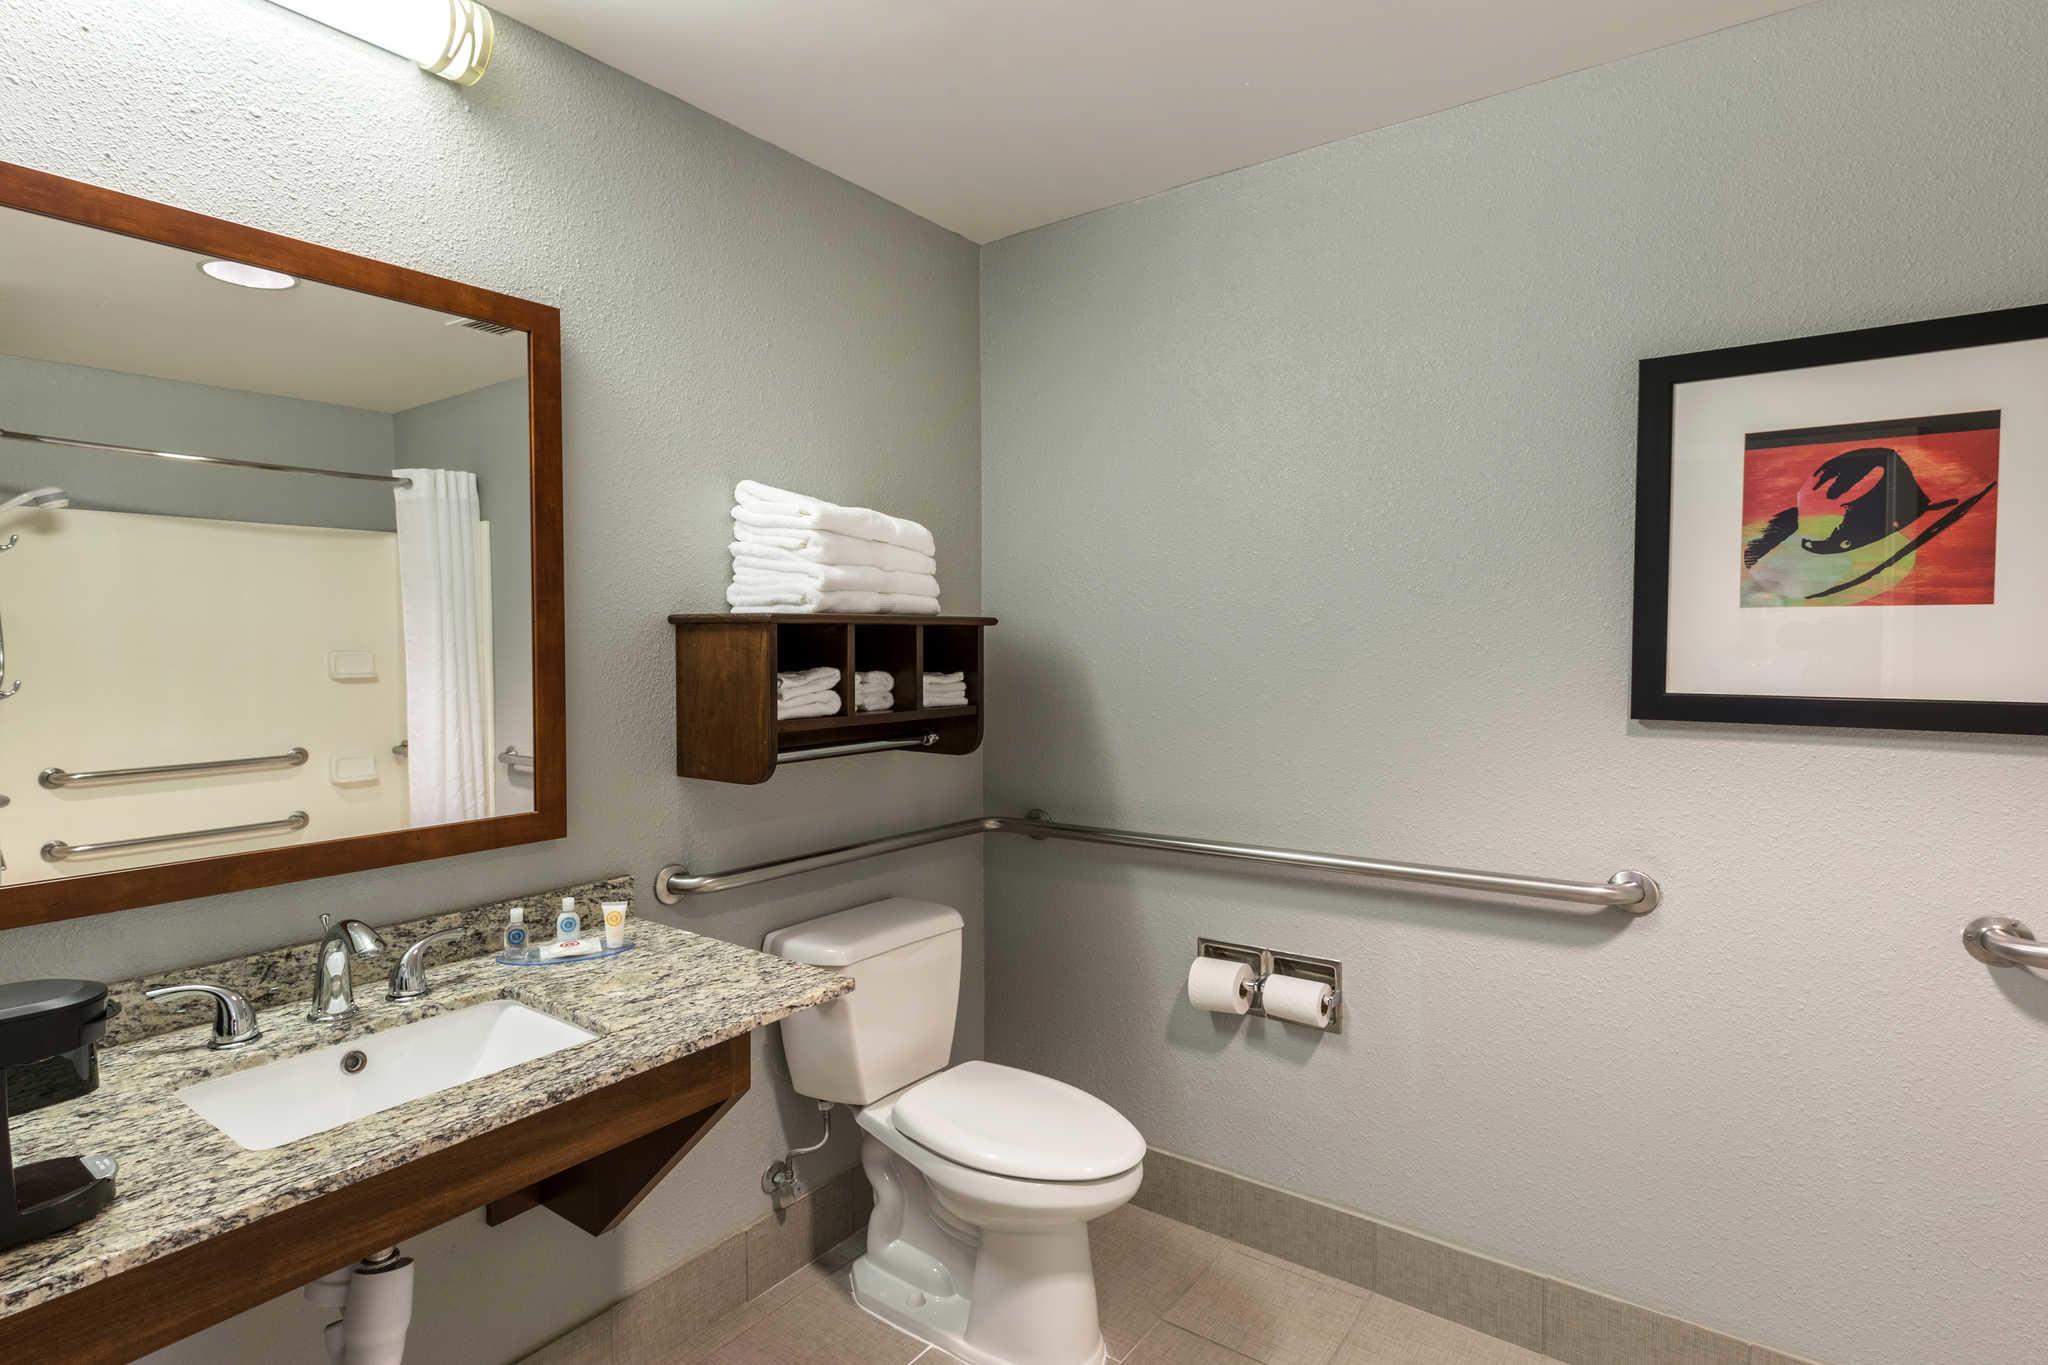 Comfort Inn image 14